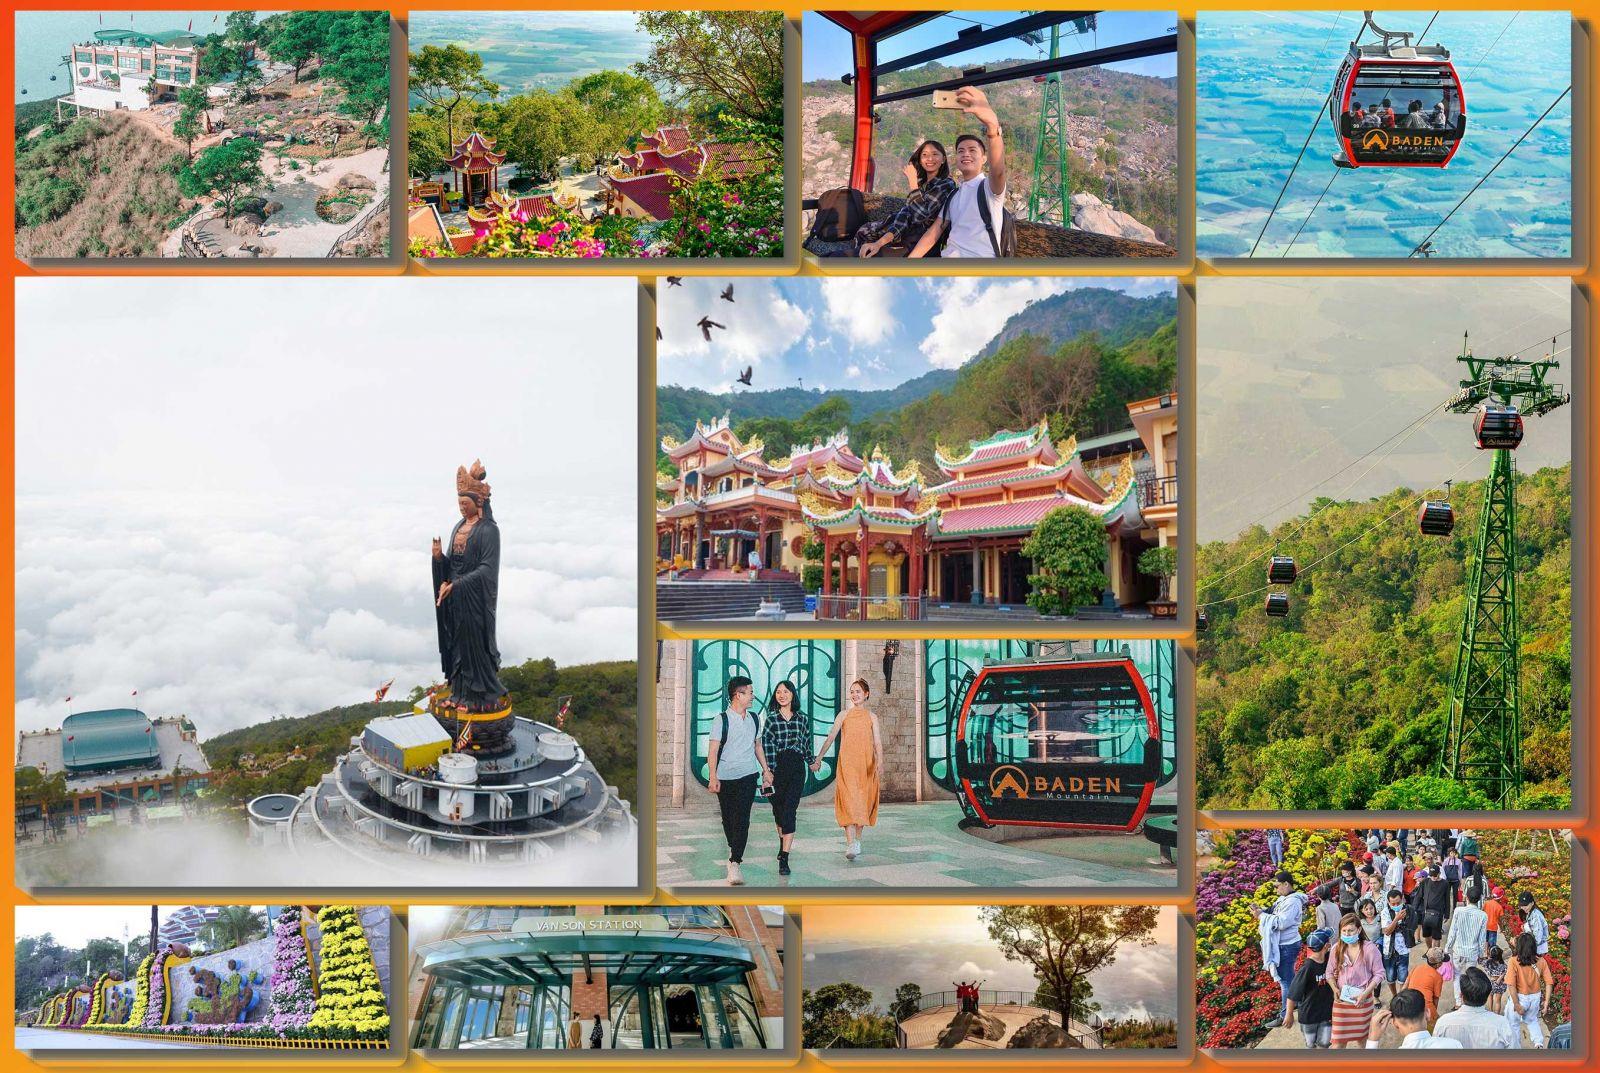 Núi Bà Đen Tây Ninh - Cáp Treo Núi Bà